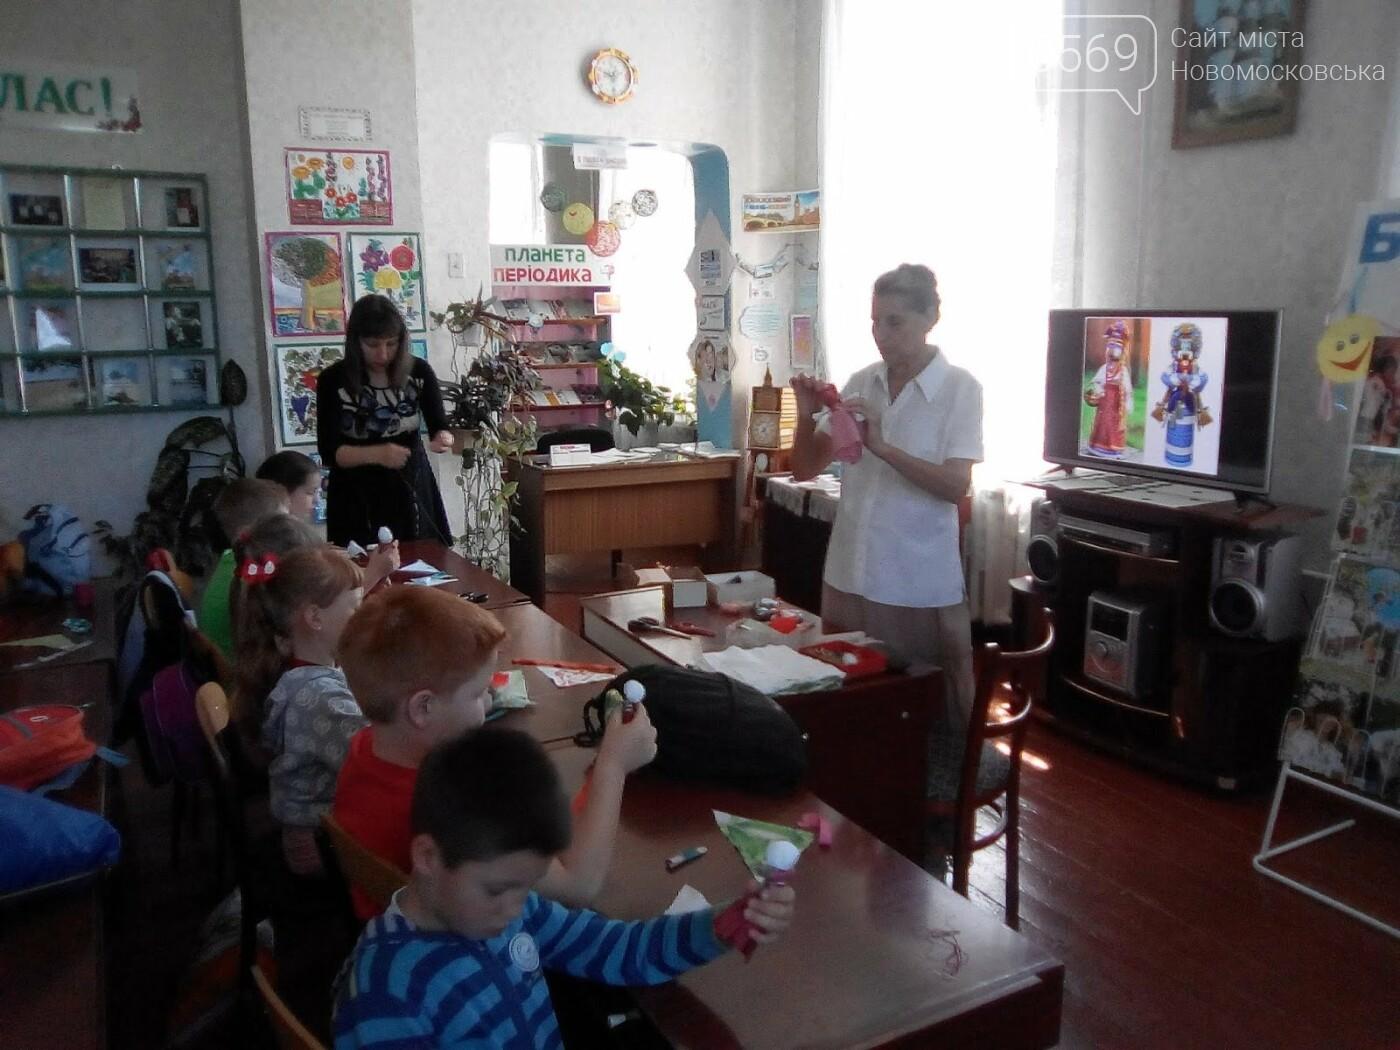 Новомосковські школярі вчилися виготовляти народні іграшки  , фото-3